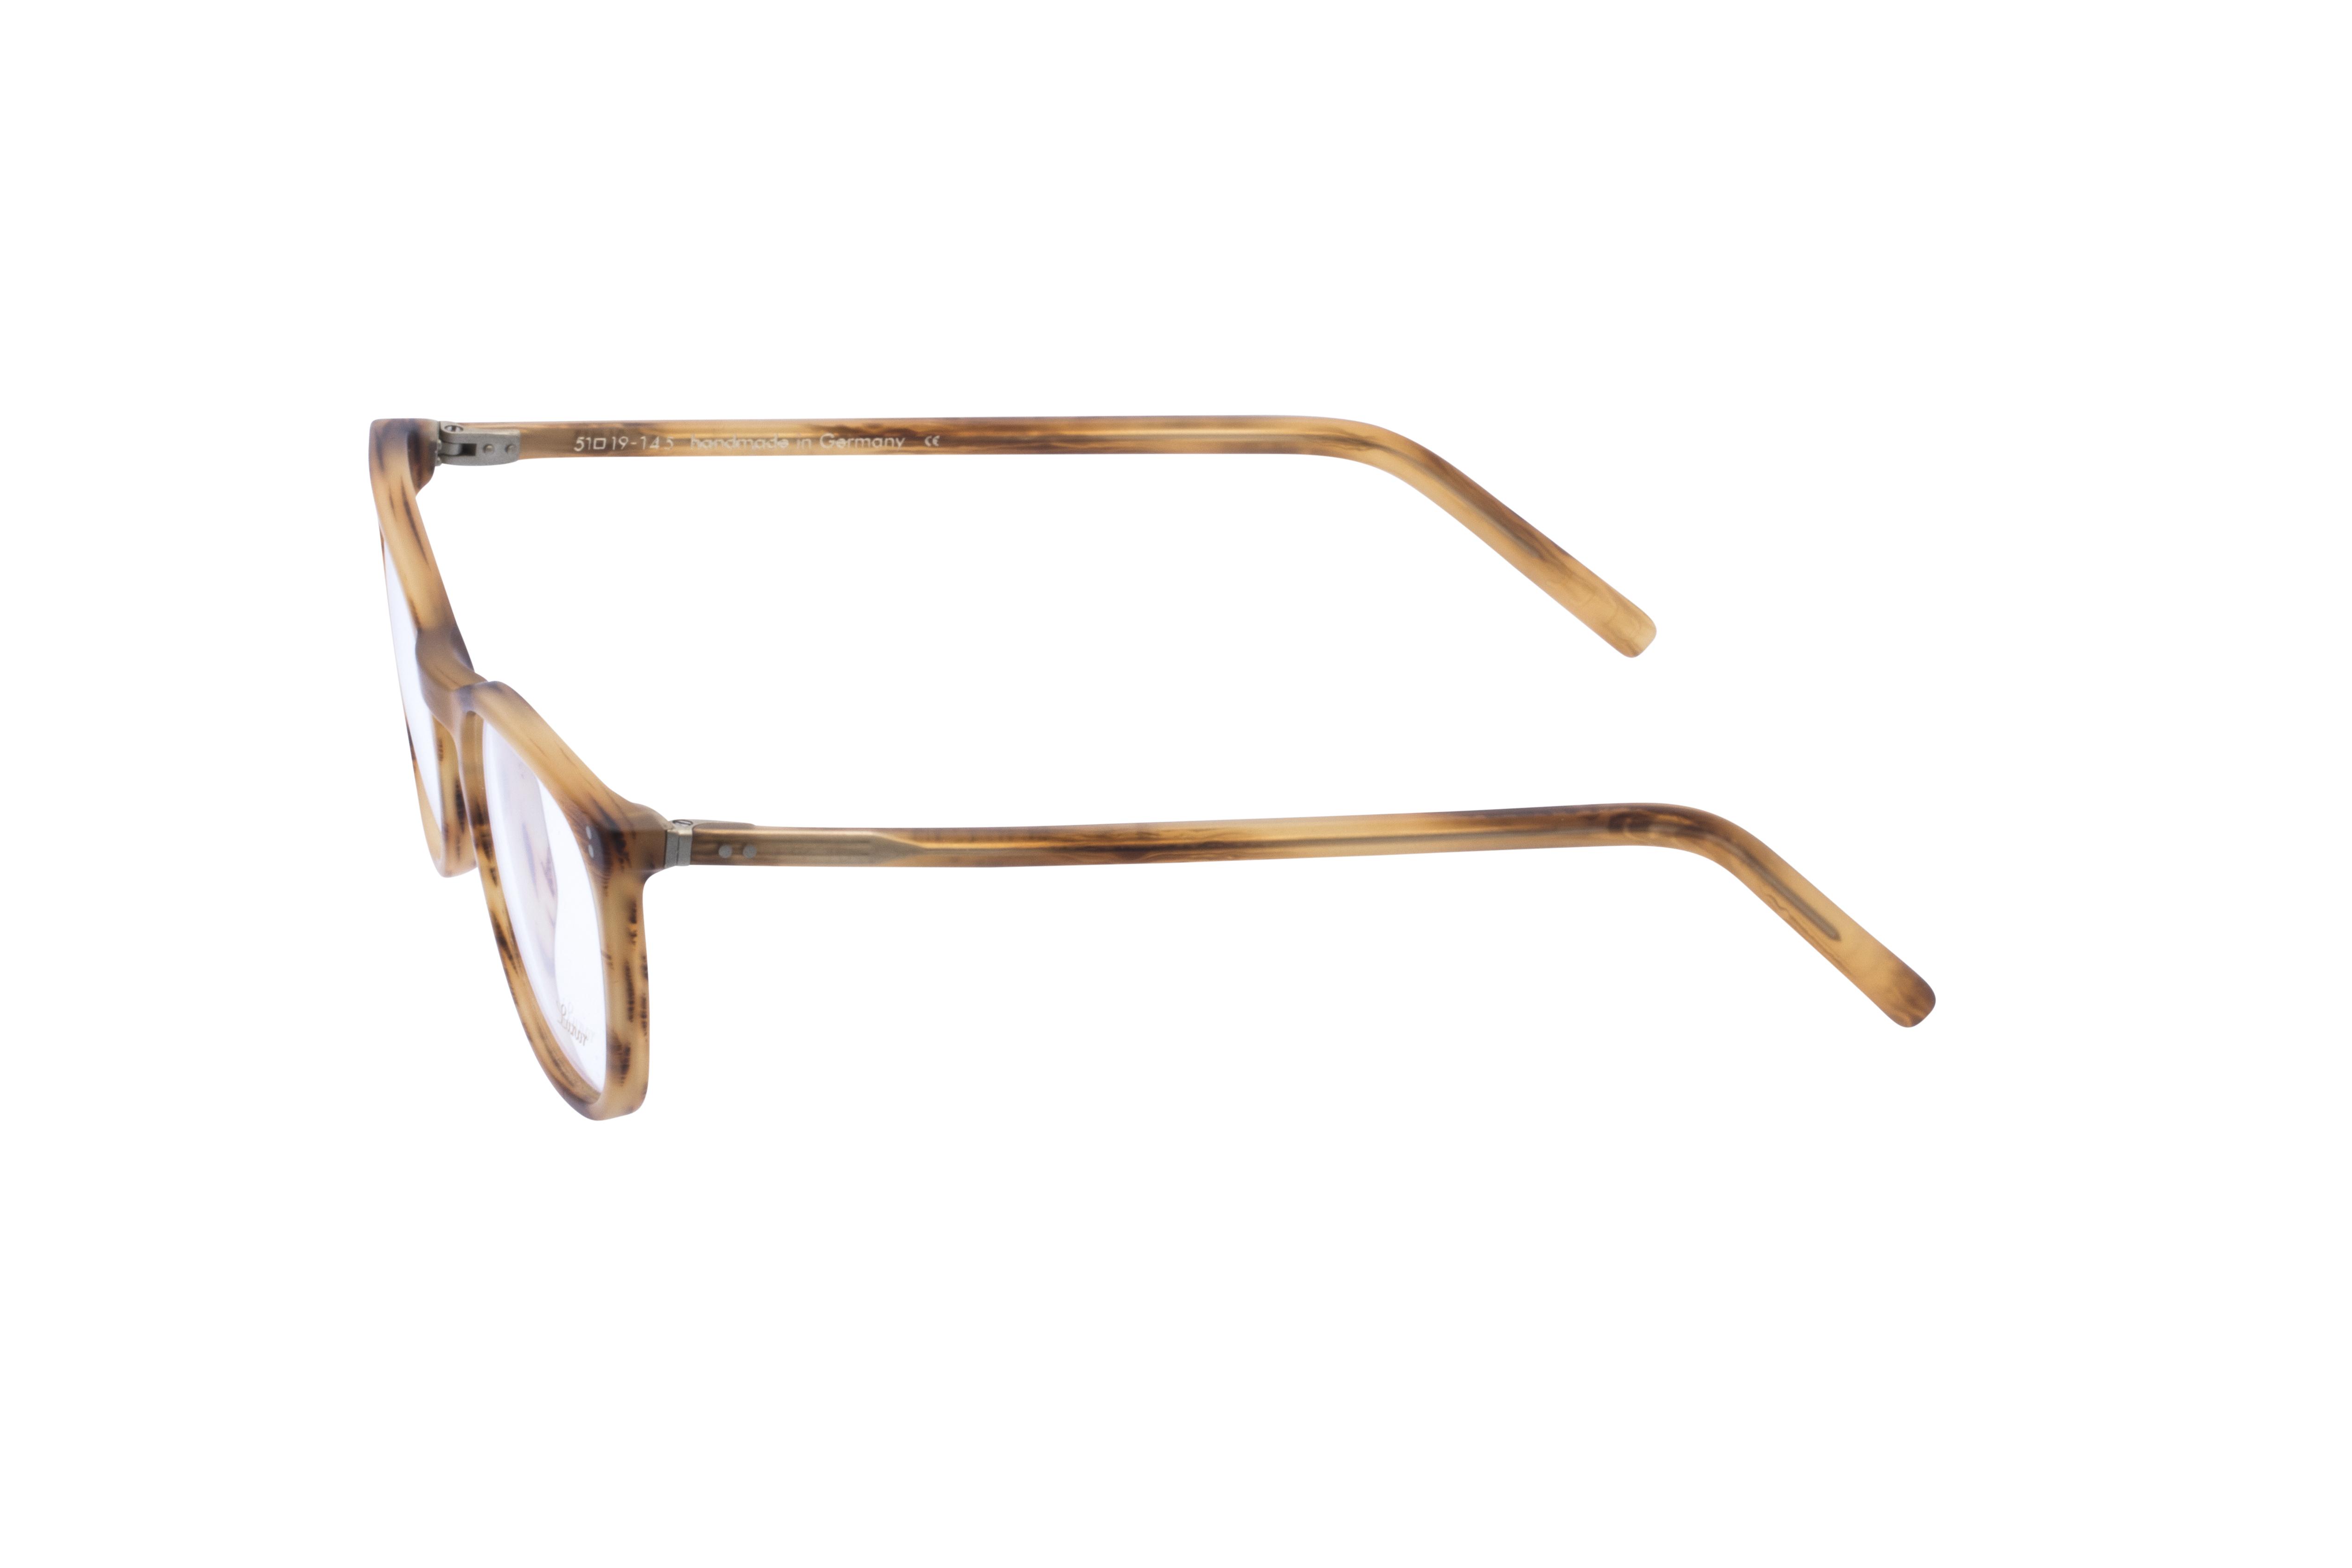 360 Grad Ansicht 19 Lunor 312, Brille auf Weiß - Fassung bei KUNK